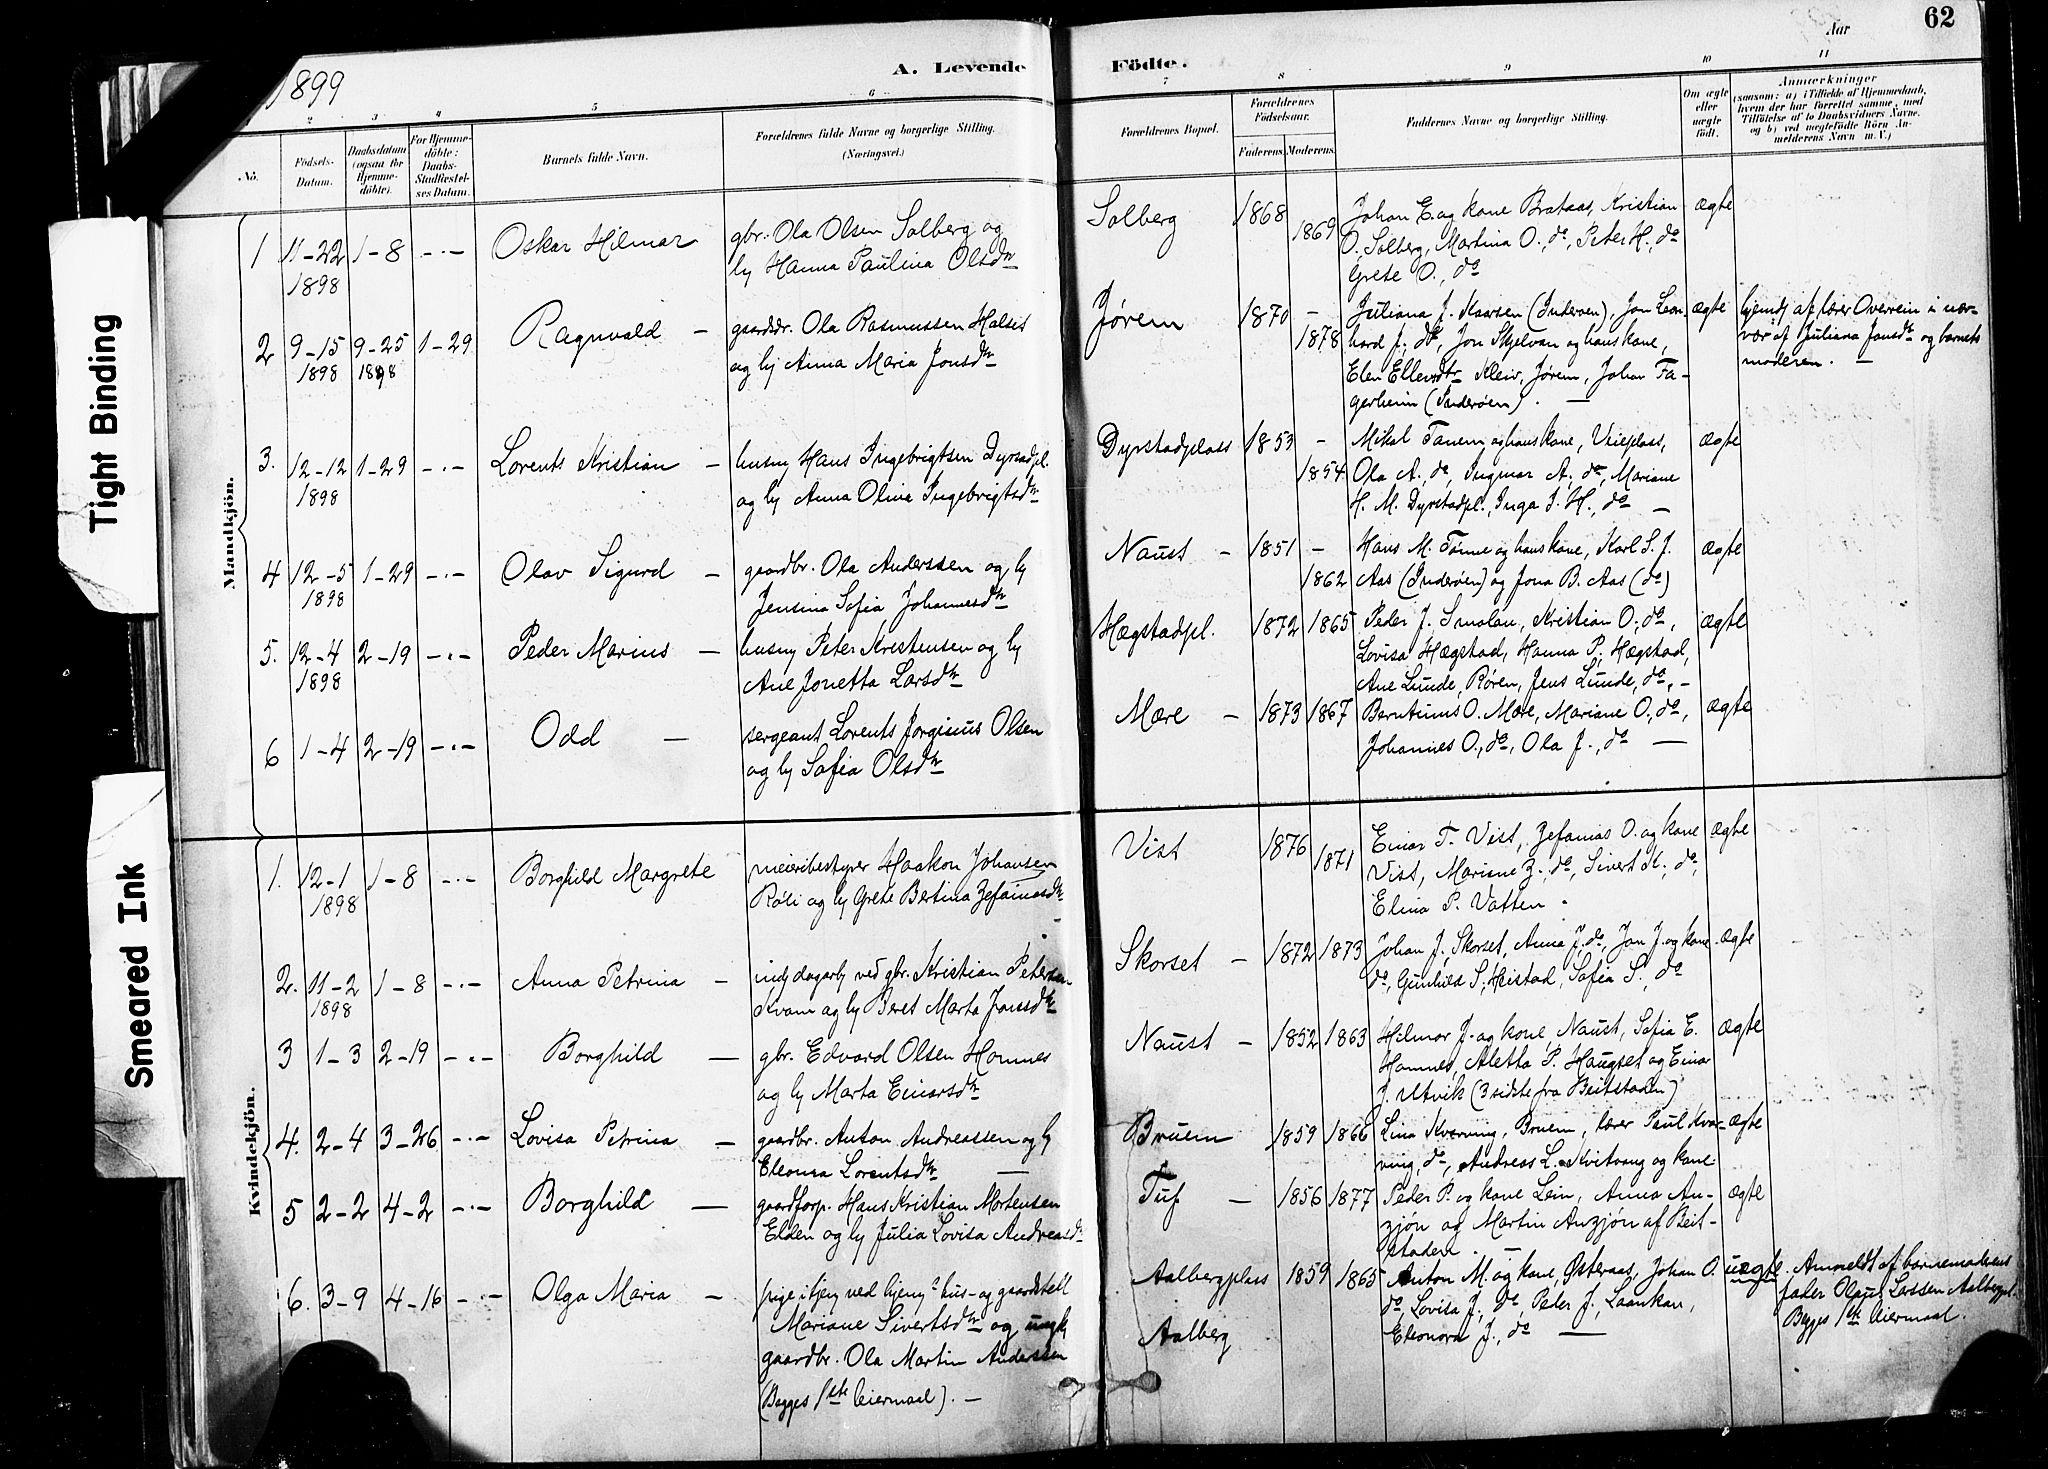 SAT, Ministerialprotokoller, klokkerbøker og fødselsregistre - Nord-Trøndelag, 735/L0351: Ministerialbok nr. 735A10, 1884-1908, s. 62